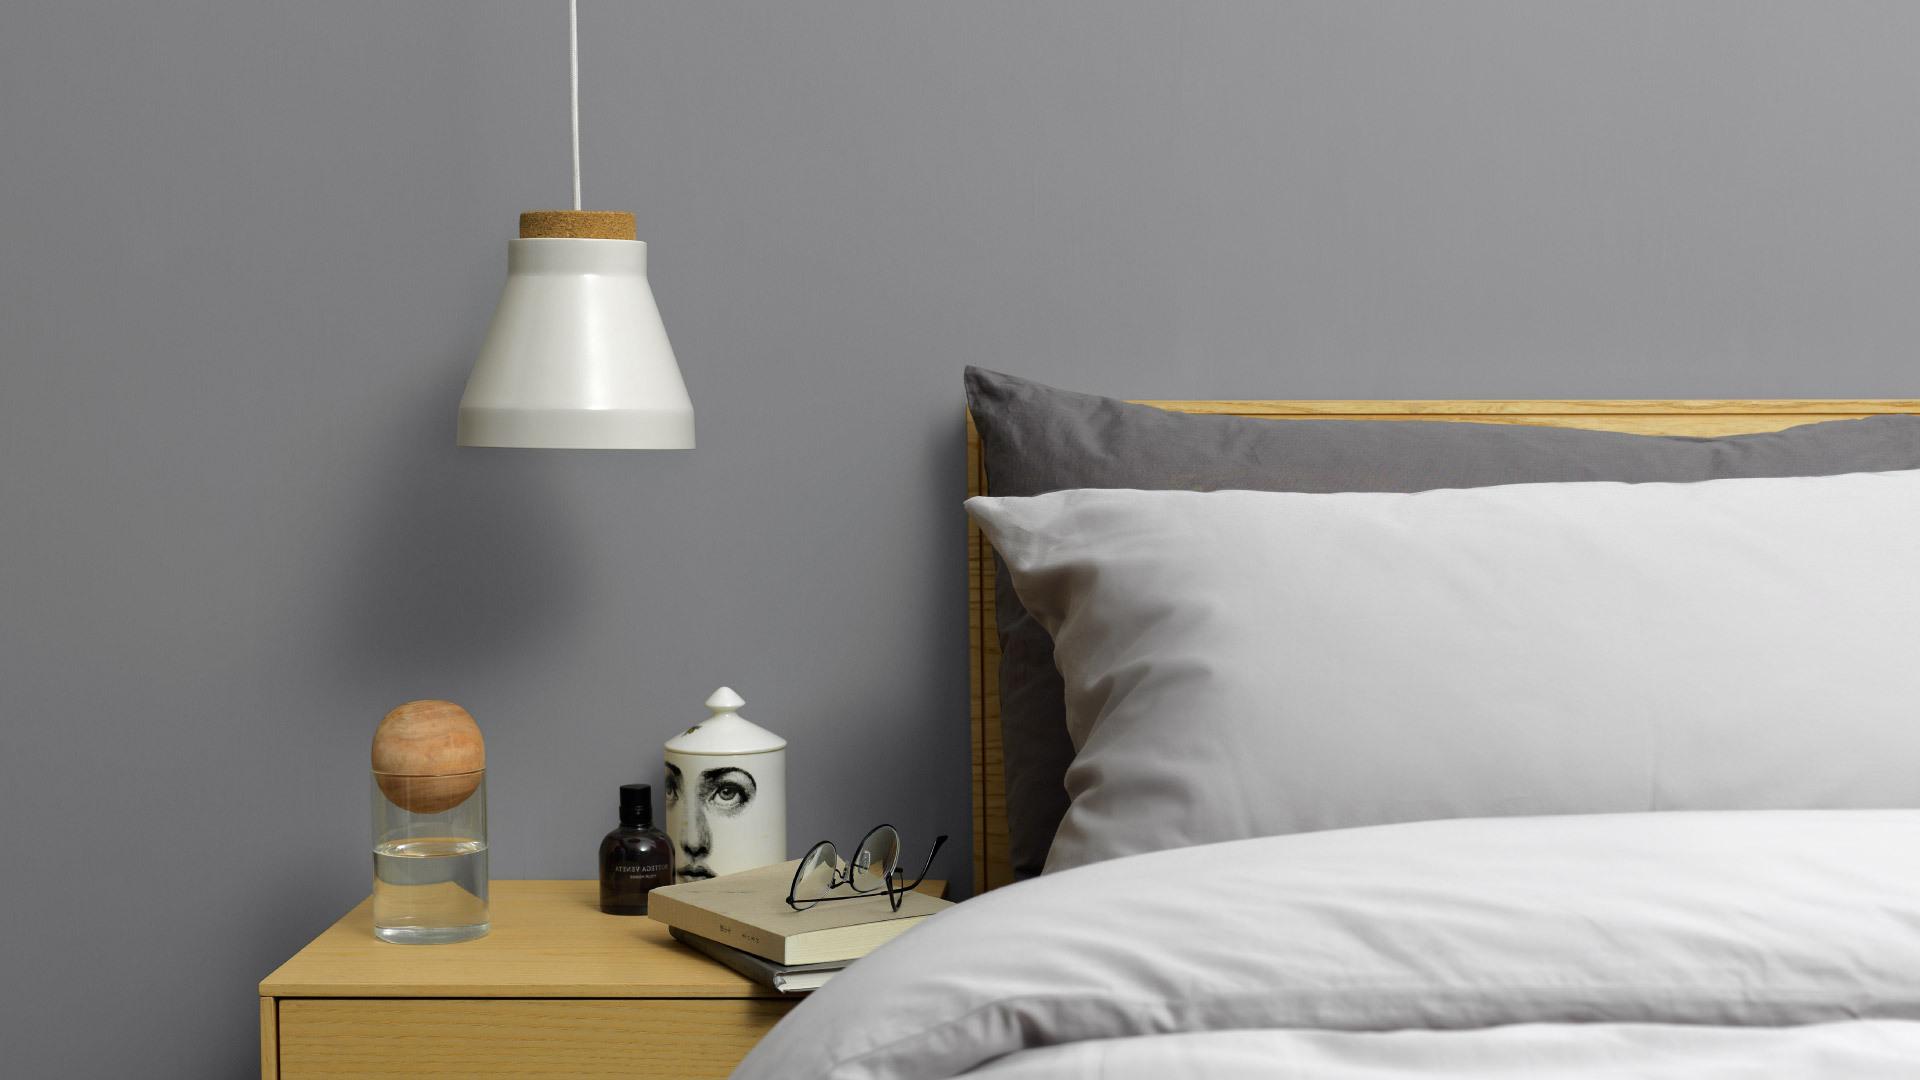 清爽木质卧室,零压入睡氛围